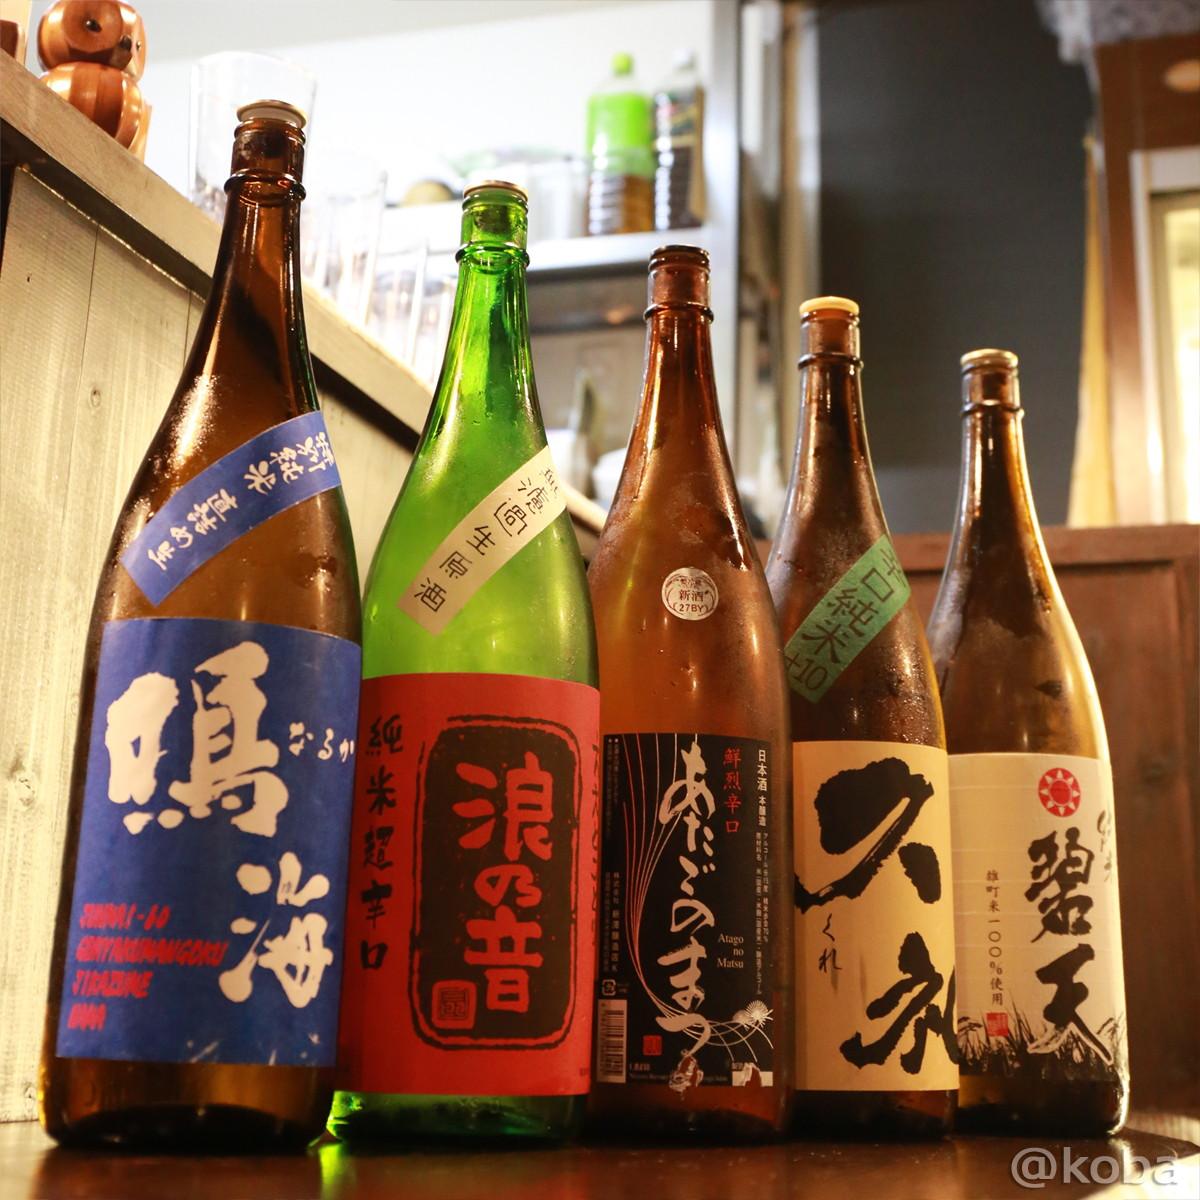 00小岩 六人衆 koiwa rokuninshuu 日本酒のお店